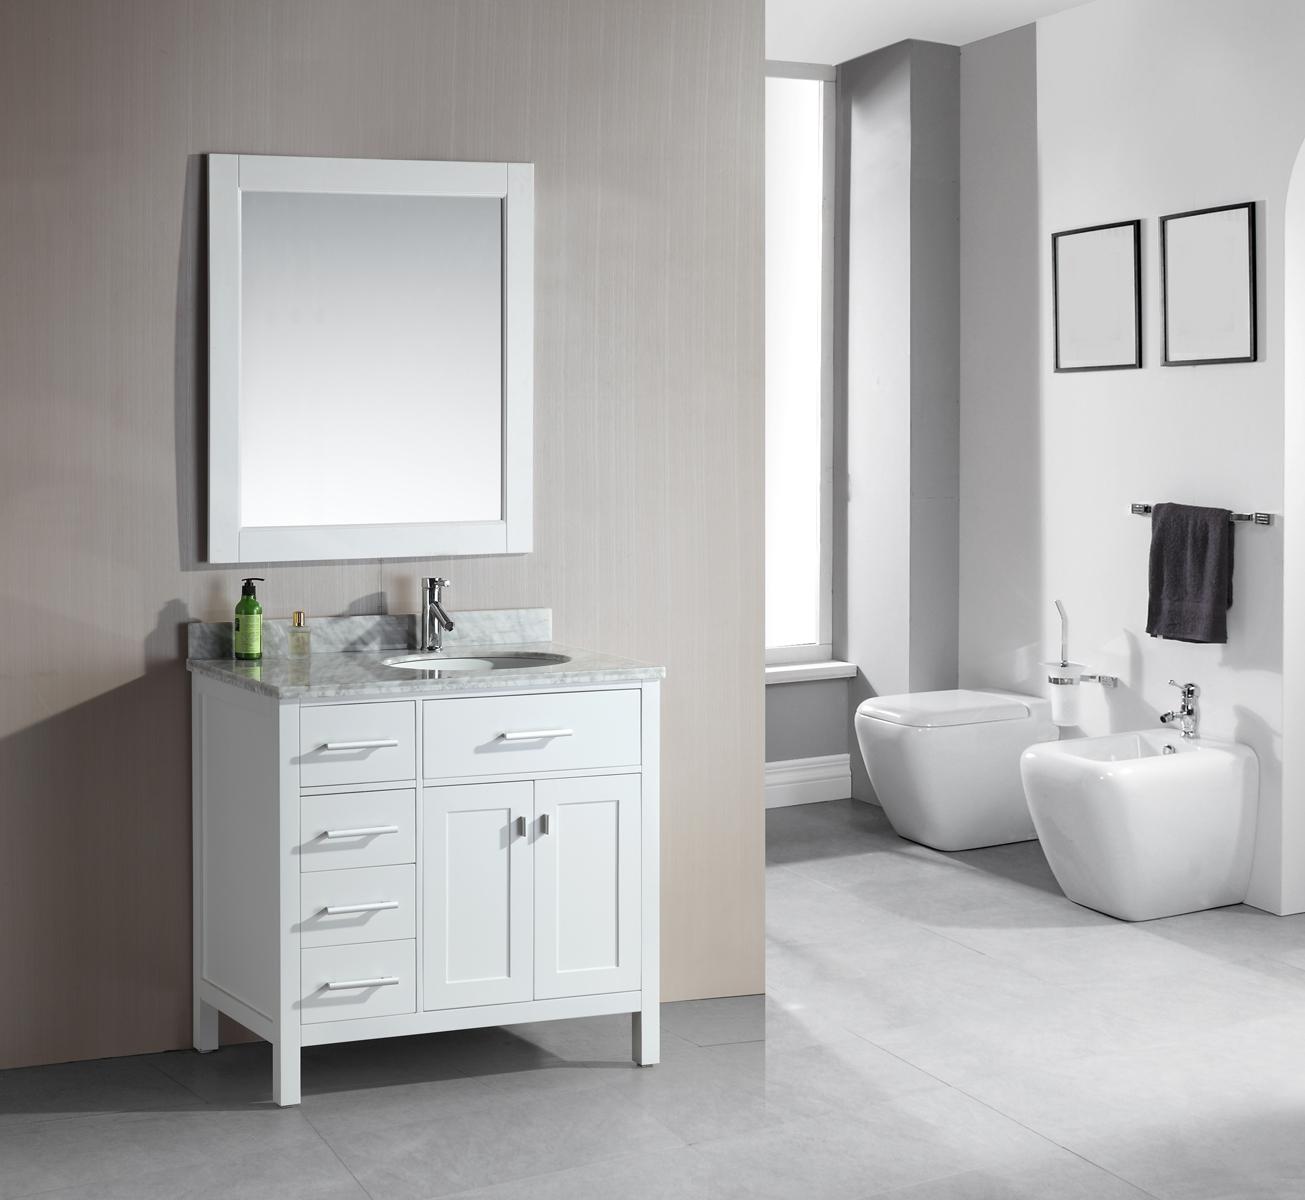 bathroom vanity designs adorna 36quot single bathroom vanity white finish white bathroom vanity TARQXGQ